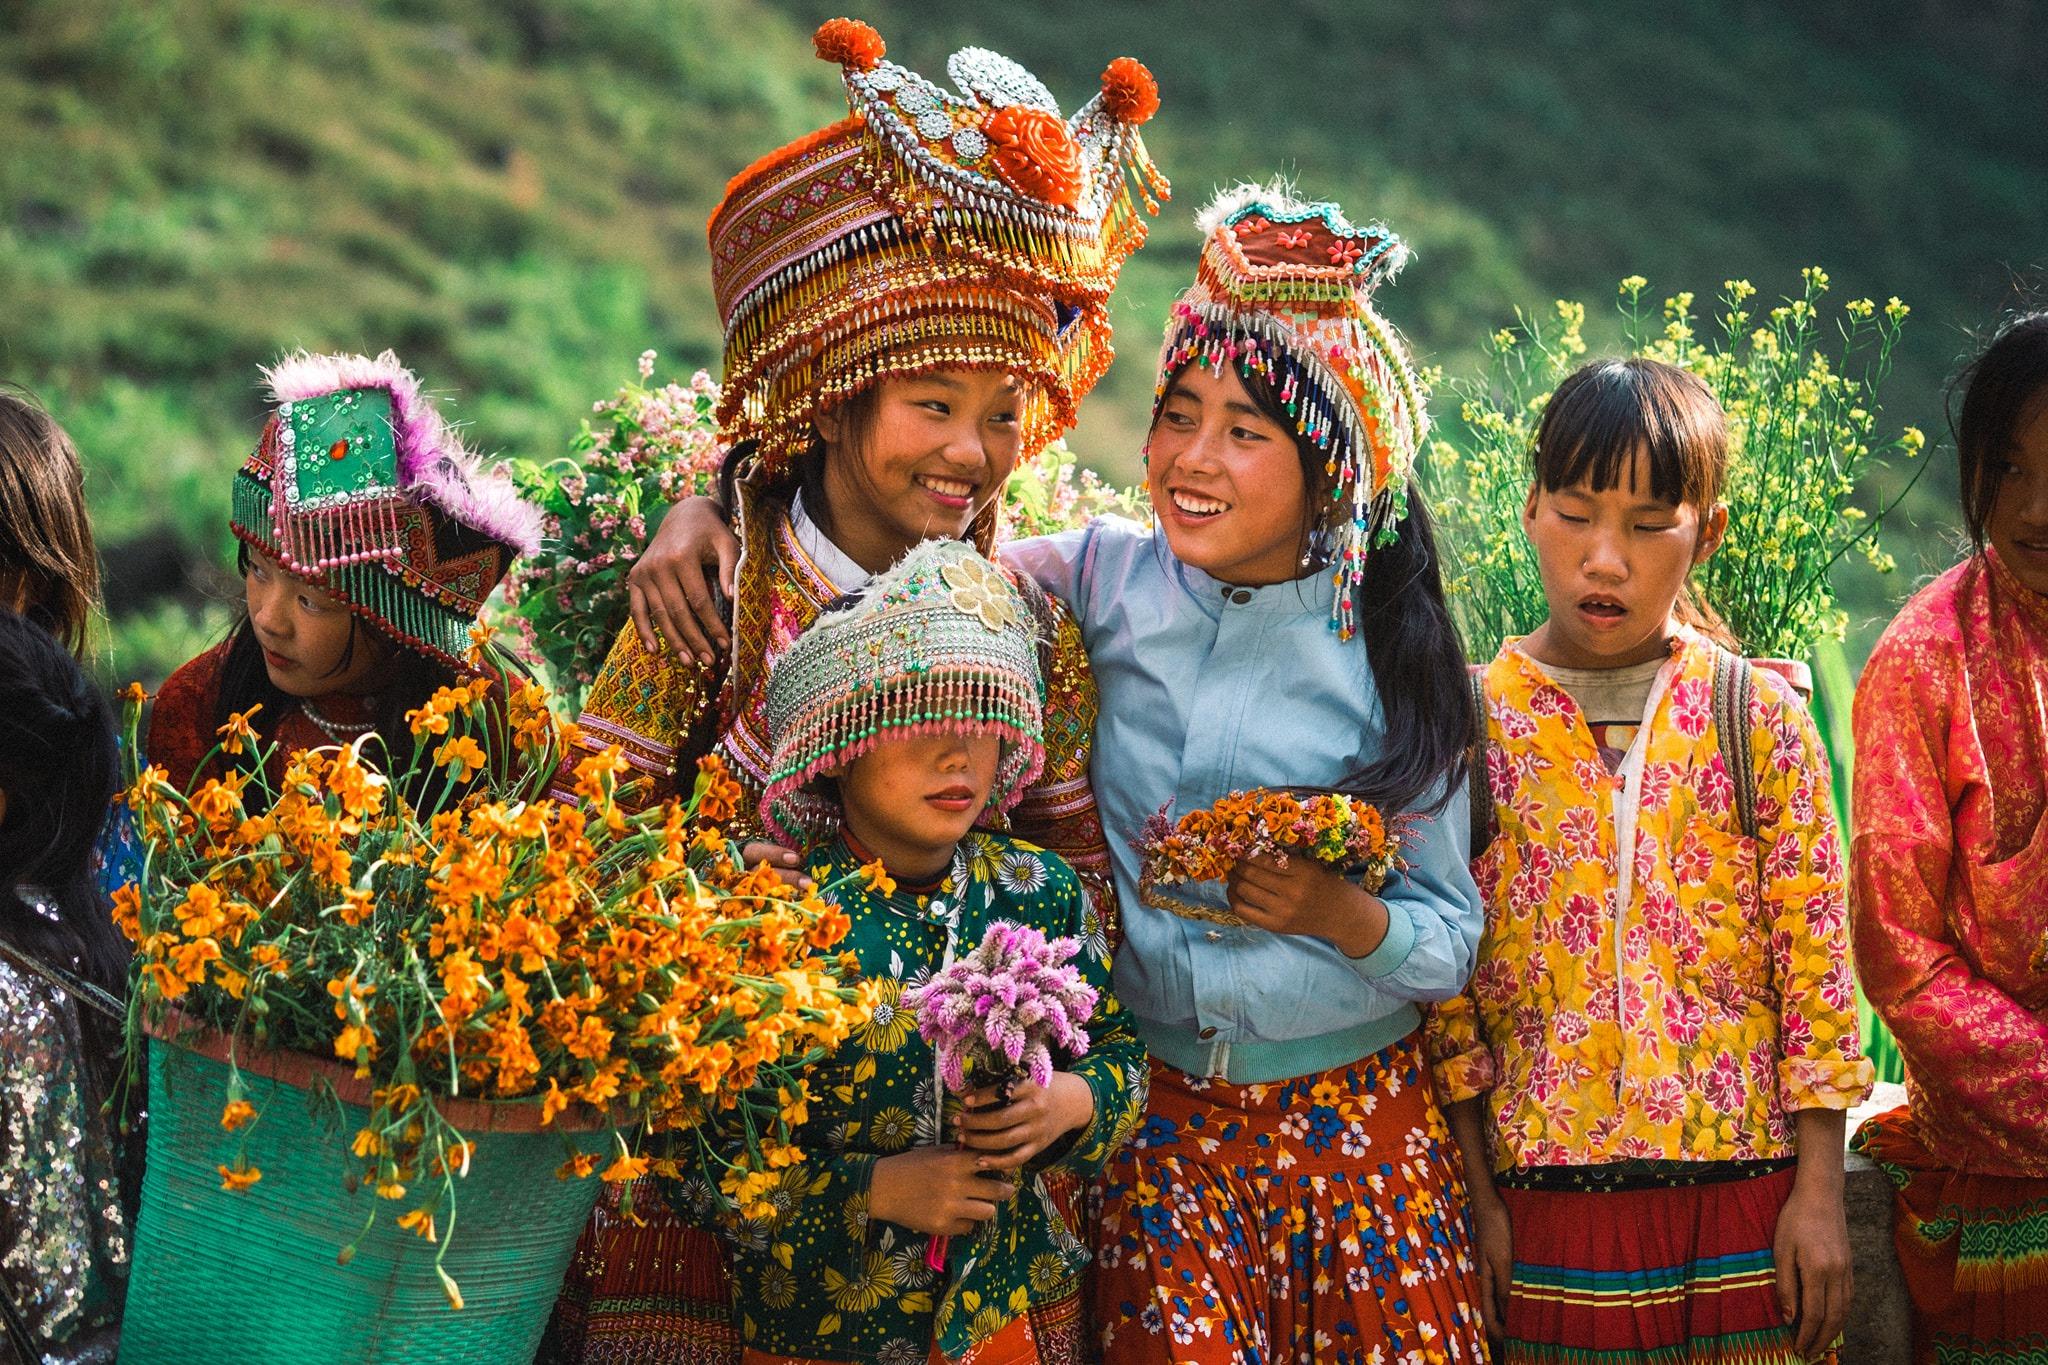 Khám phá Mã Pí Lèng, một trong 'tứ đại đỉnh đèo' của Việt Nam  - Ảnh 7.